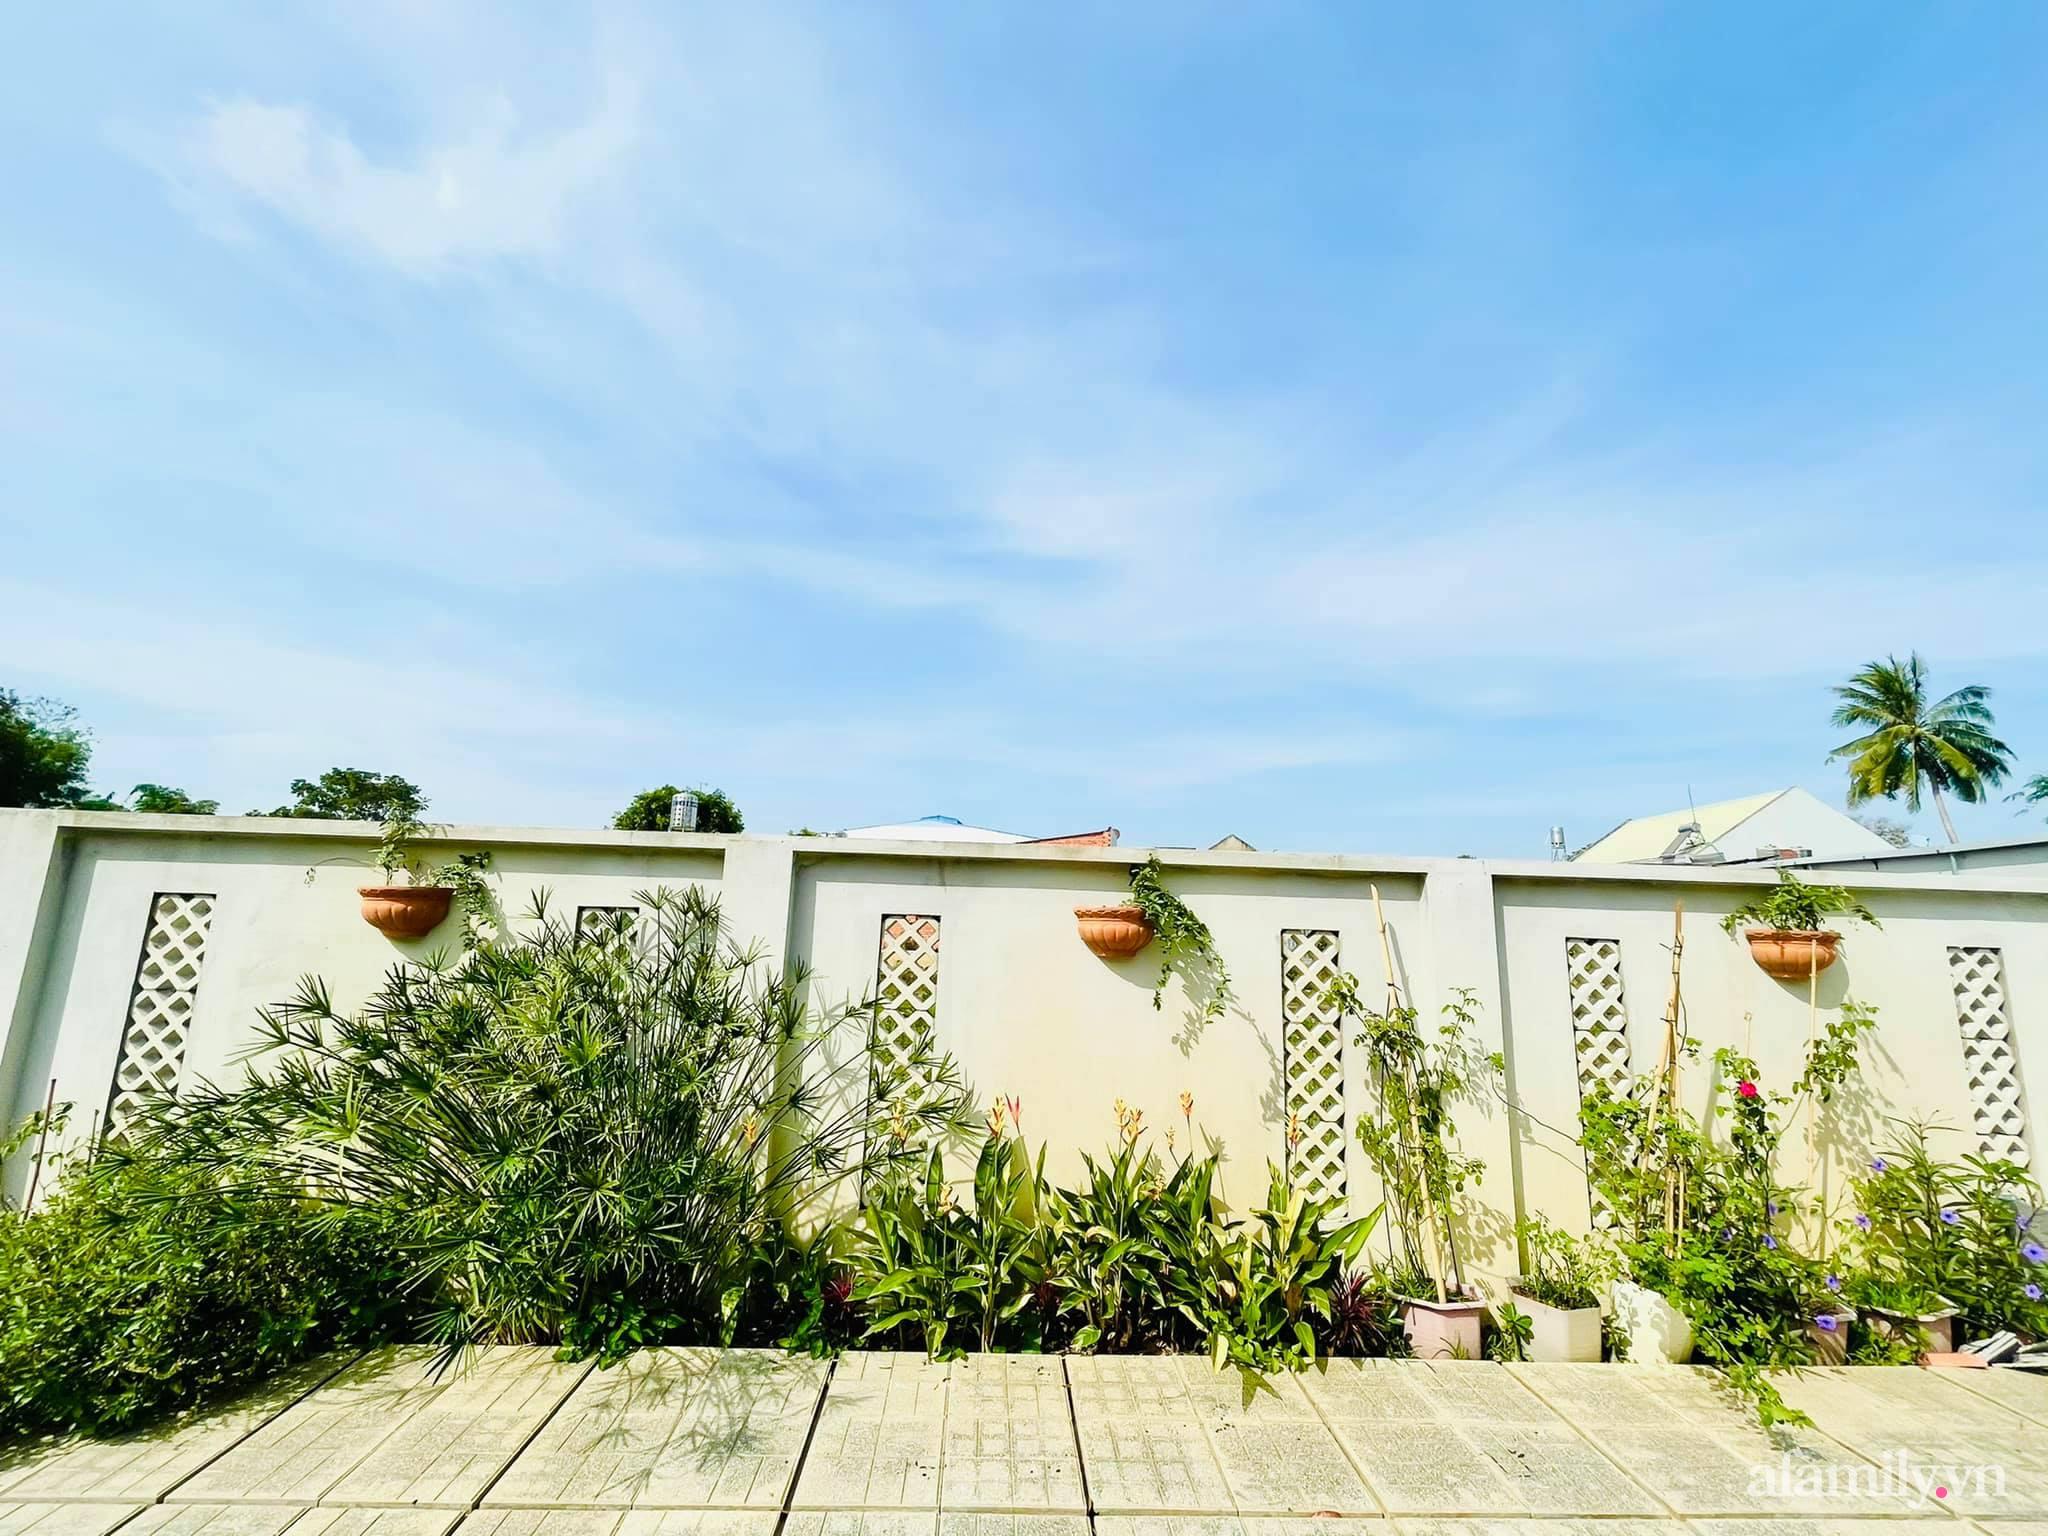 Hành trình rời phố về quê trồng rau nuôi gà, sống trong căn nhà vườn đẹp như tranh vẽ của chàng trai 25 tuổi ở Tây Ninh - Ảnh 14.